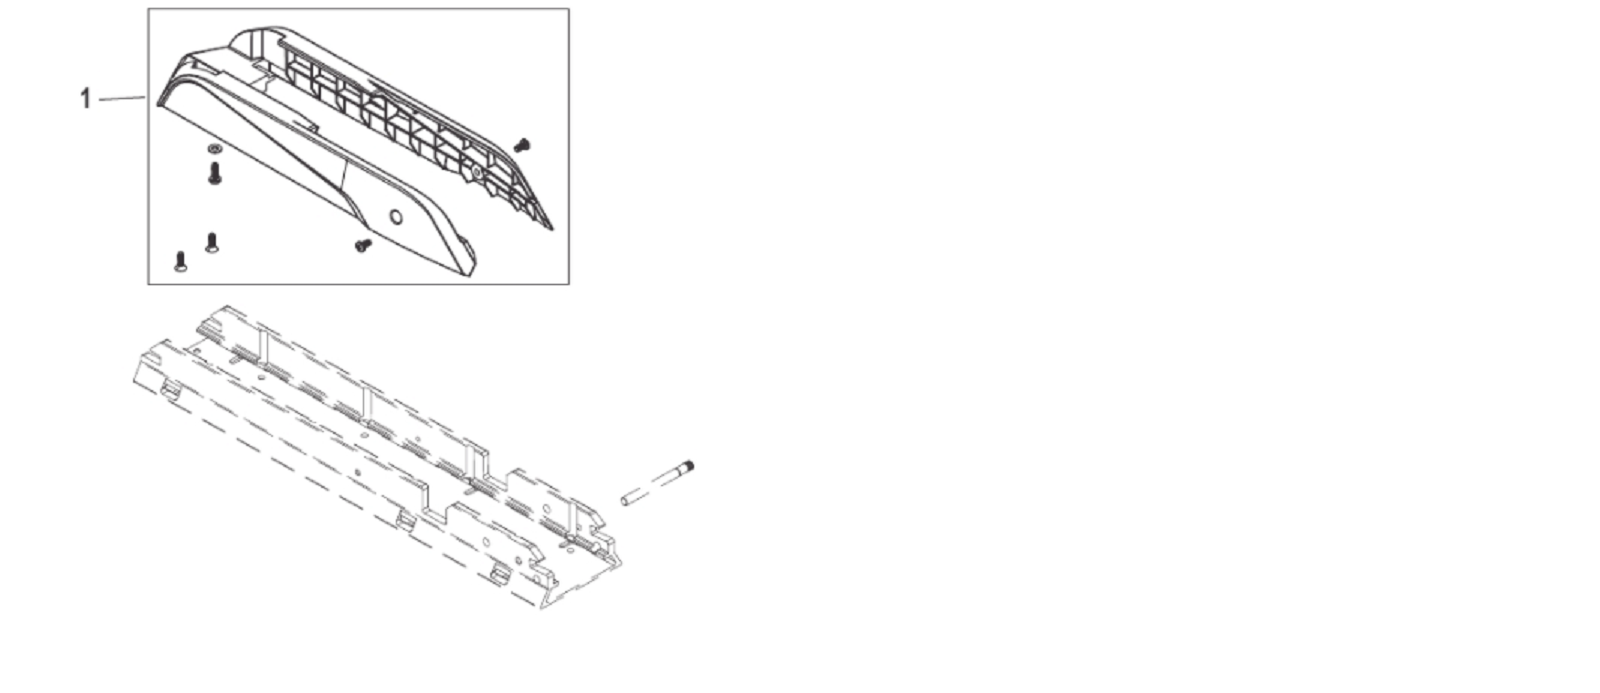 minn kota foot pedal instructions